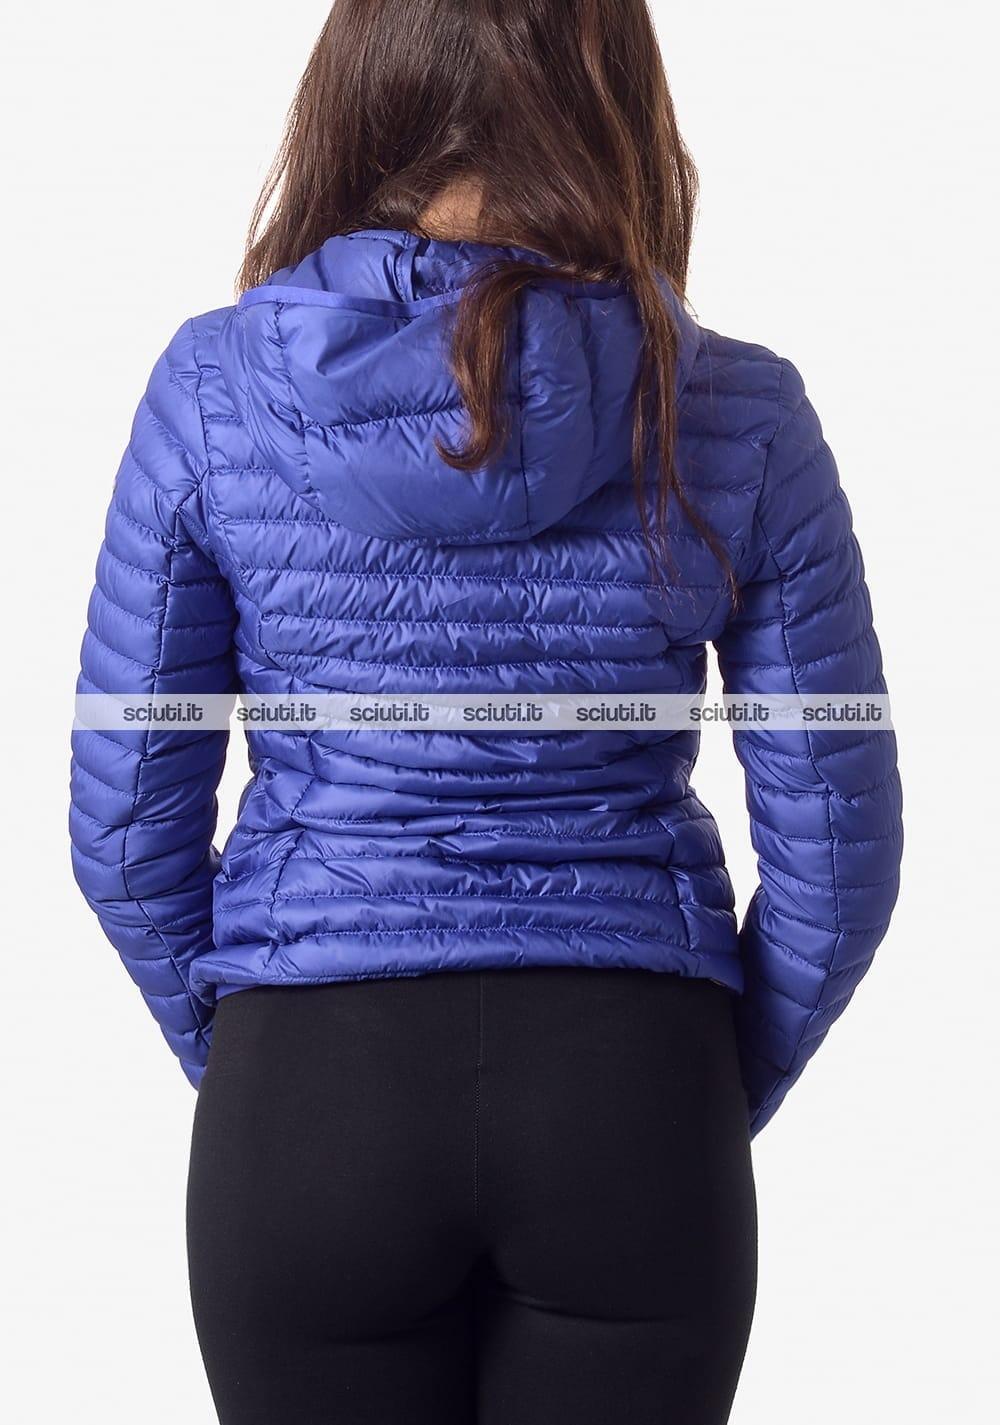 on sale b2ef6 34785 Piumino Colmar donna leggero con cappuccio azzurro   Sciuti.it